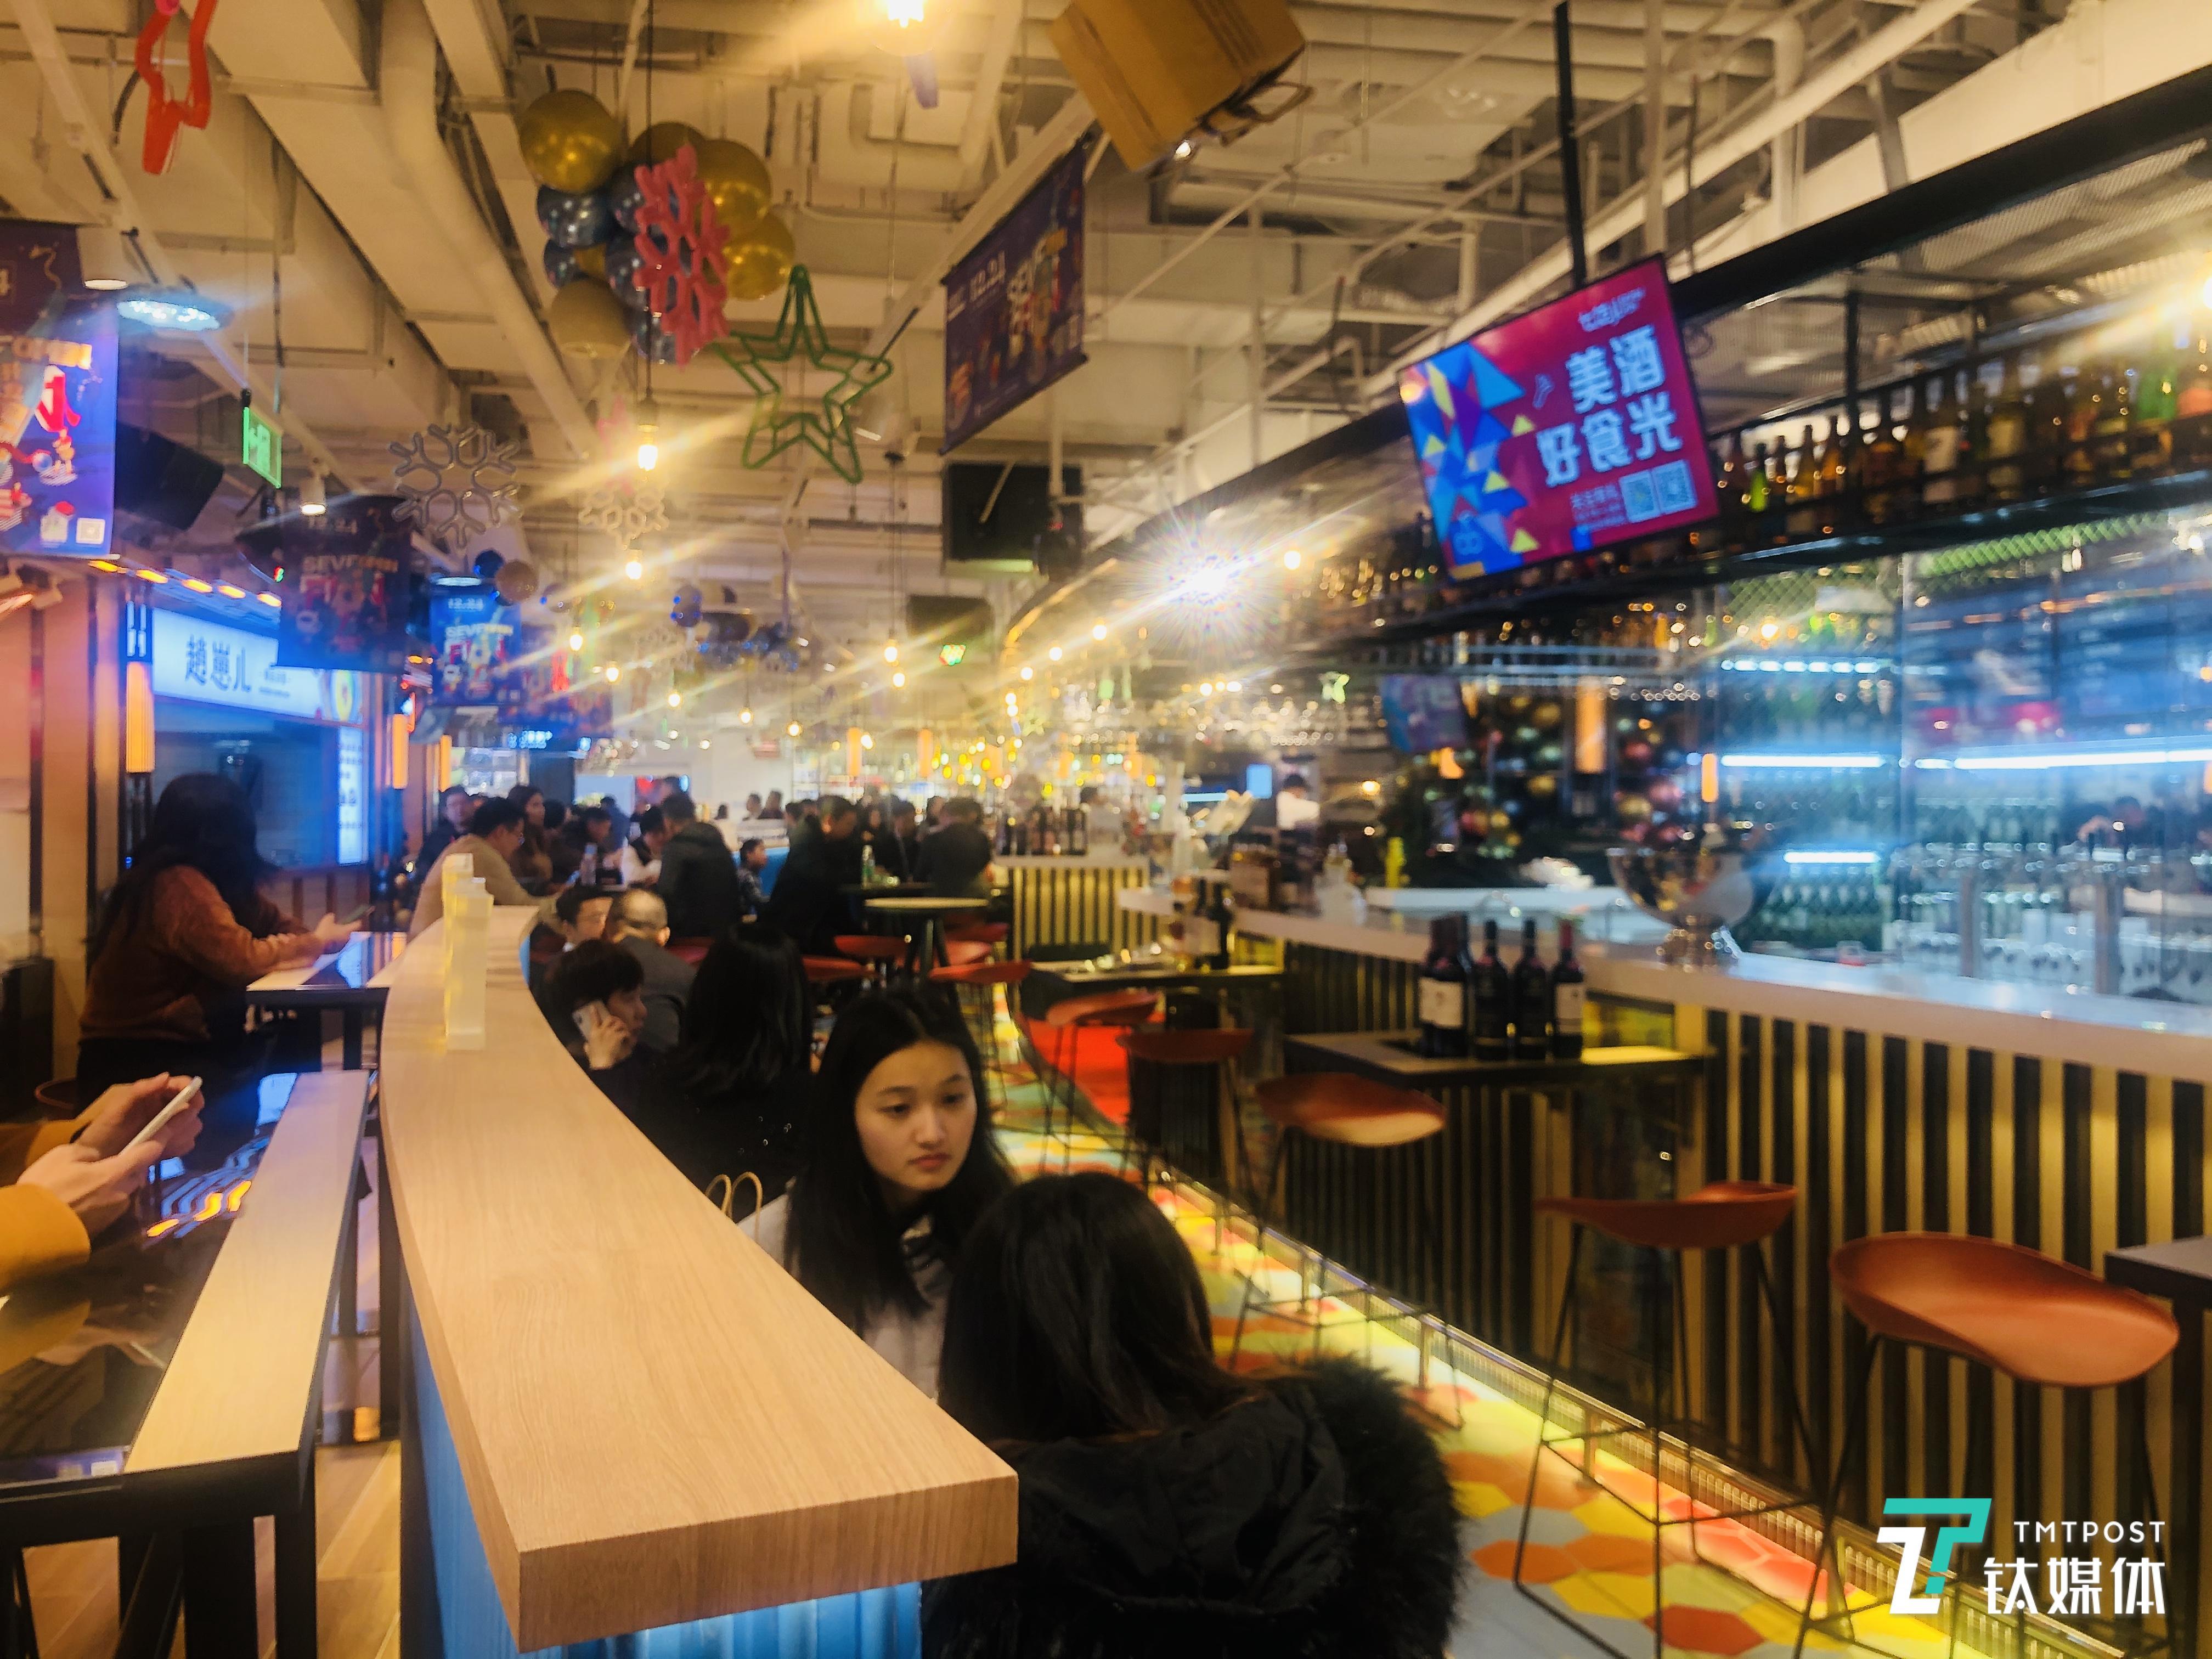 餐饮档口和就餐区